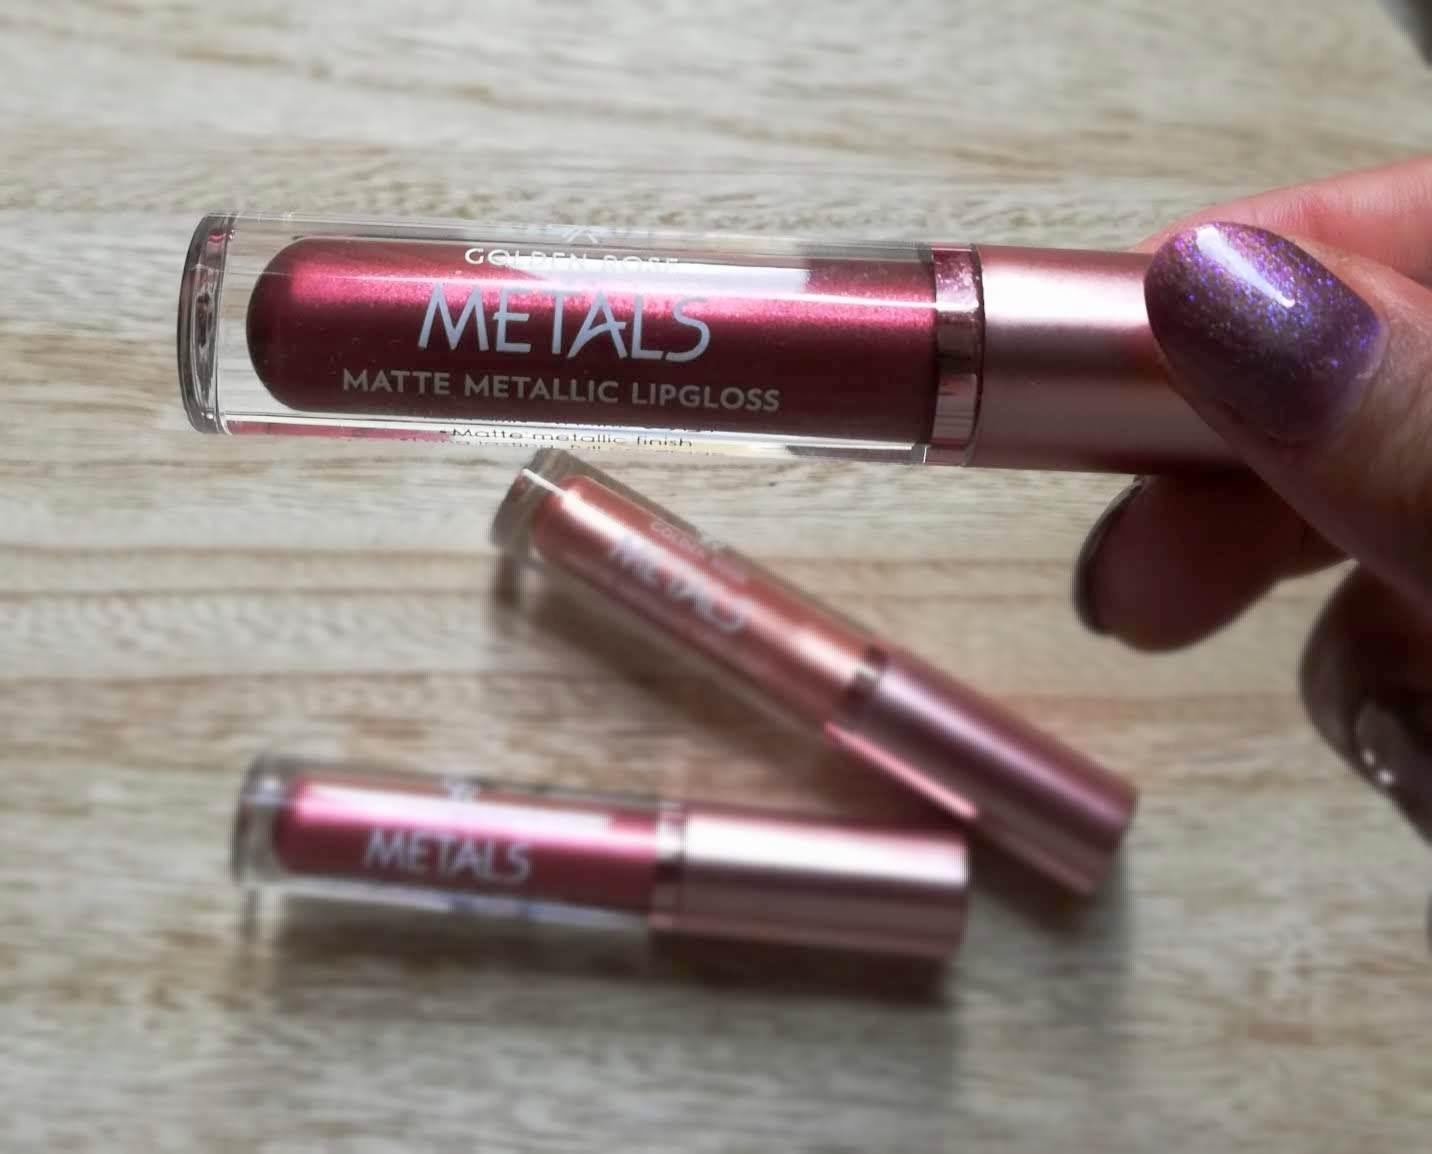 Metals Matte Metallic Lipgloss de Golden Rose / 58 Plum